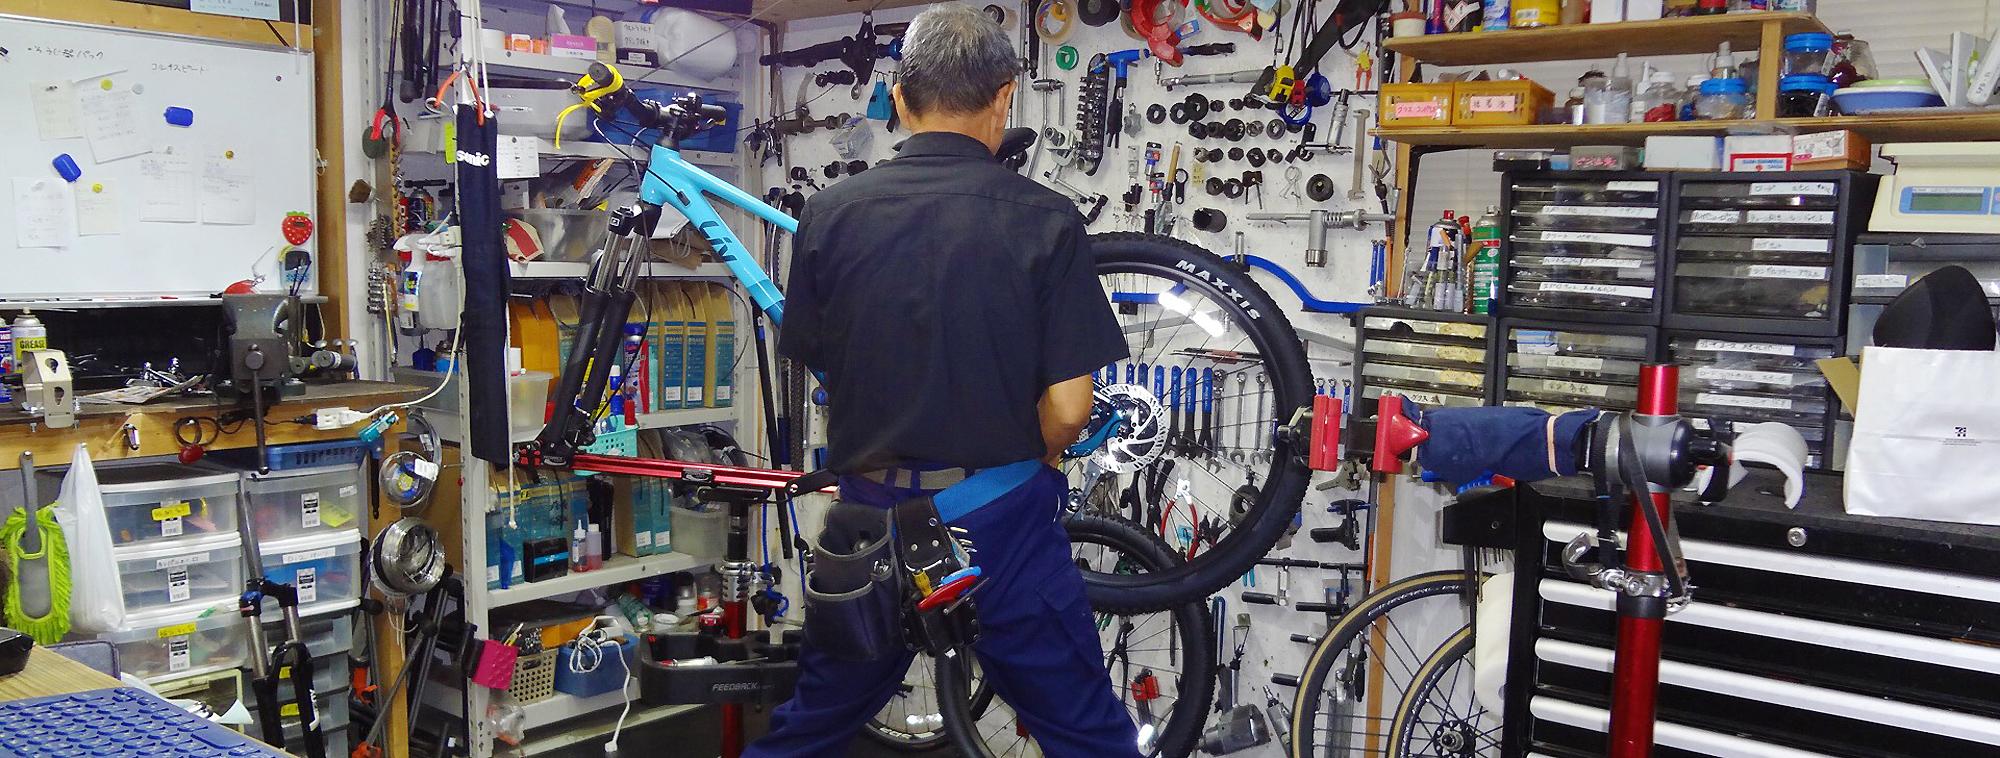 坂之上サイクル東開フィット|鹿児島|ロードバイク|自転車店|マウンテンバイク|クロスバイク